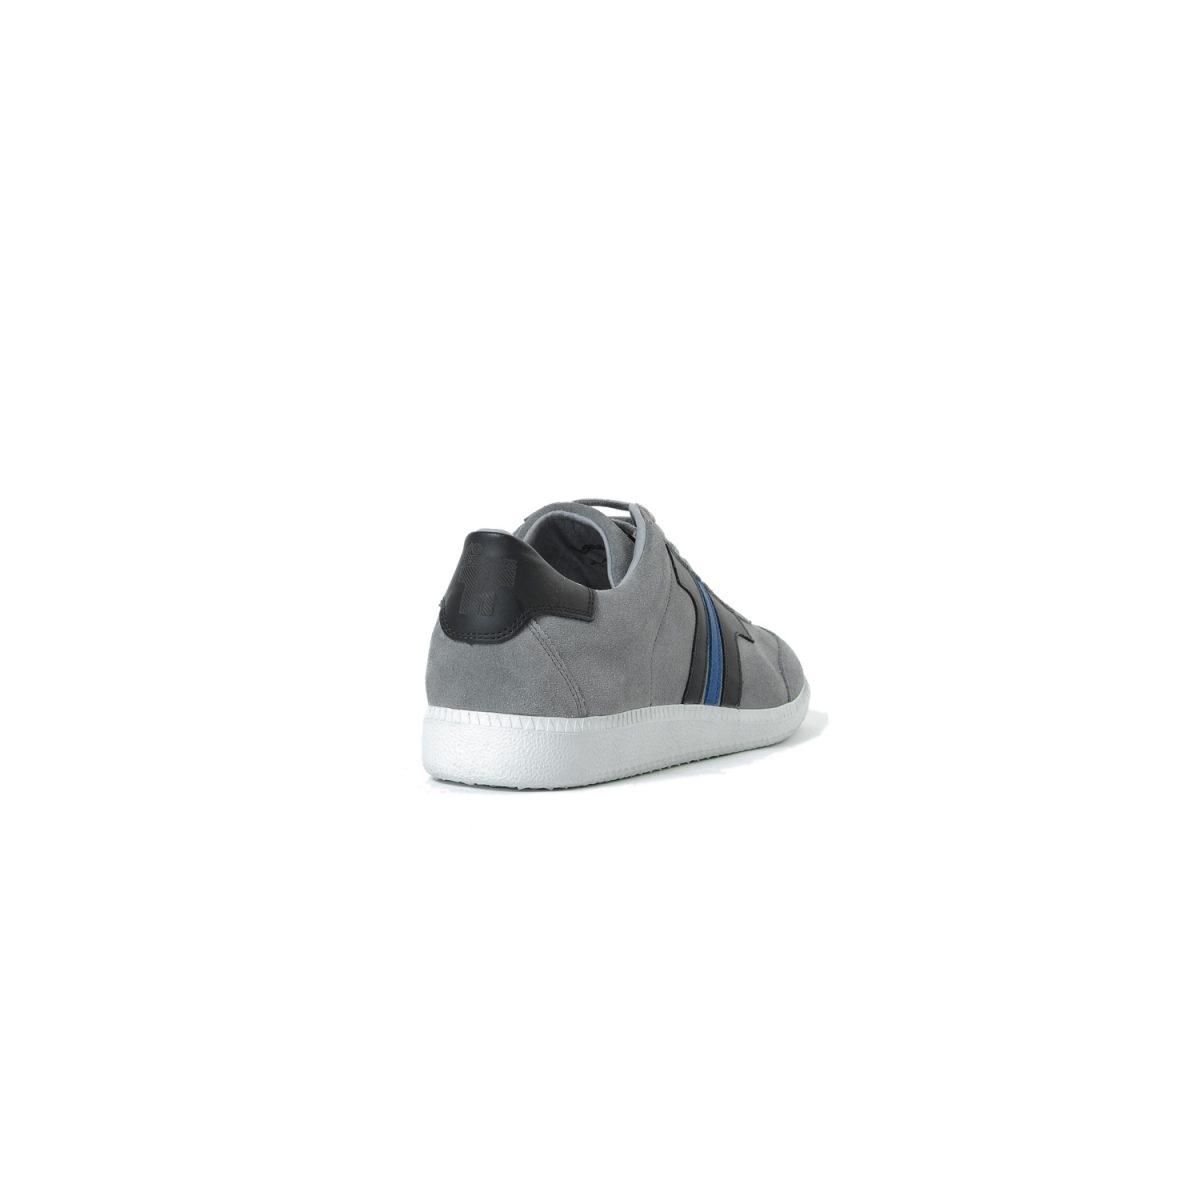 Tisza cipő - Comfort - Szürke-fekete-royal